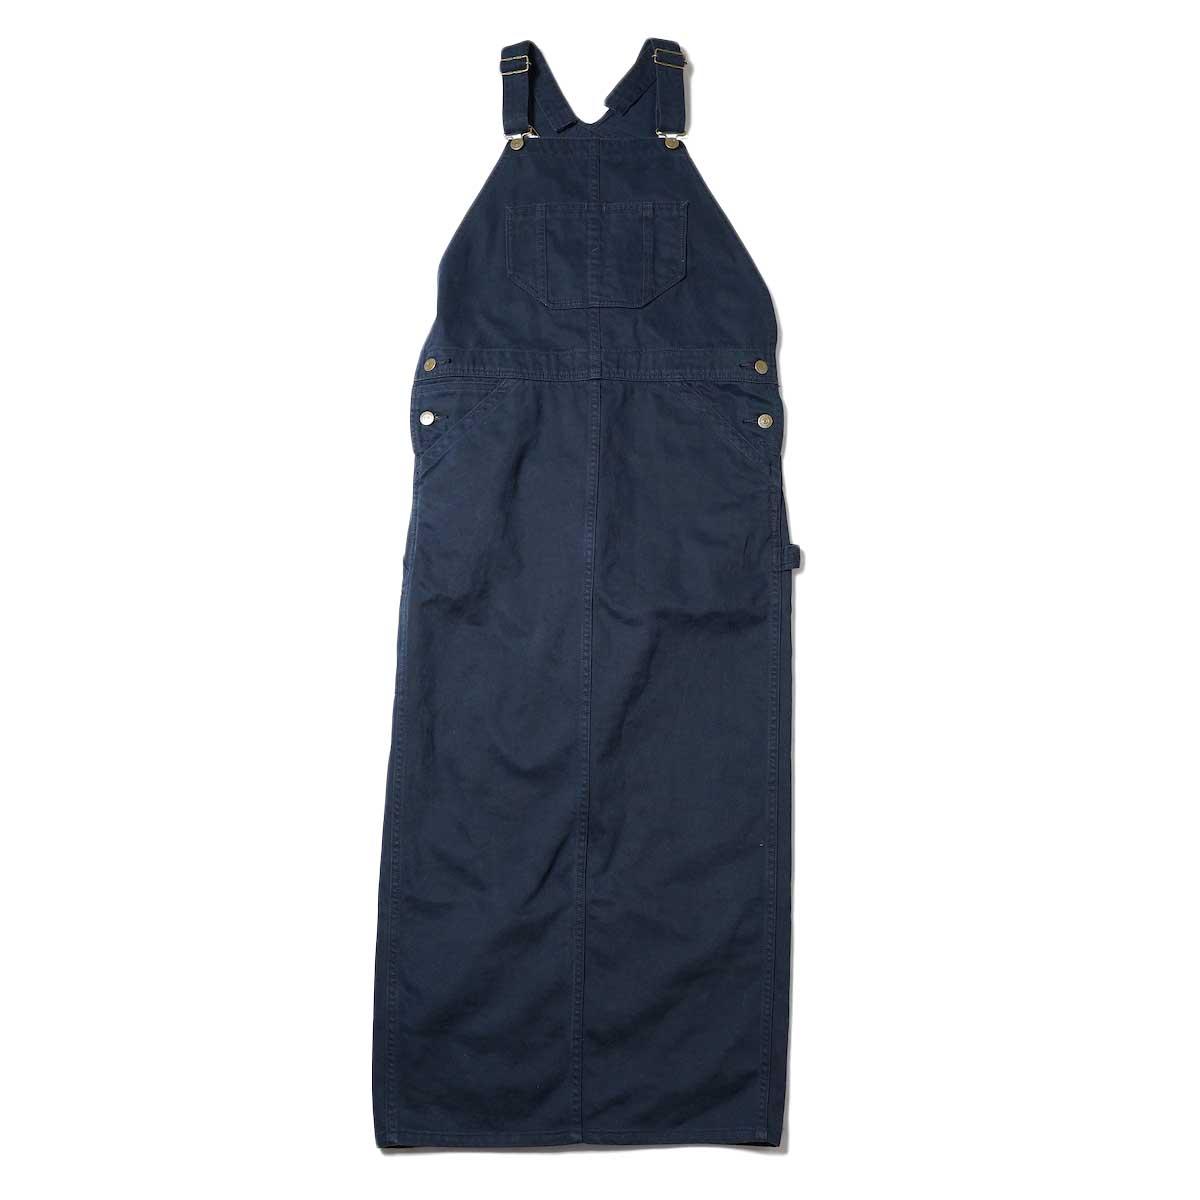 BLUEBIRD BOULEVARD / Classic Warm Worker Satin Jumper Dress (Navy) 正面